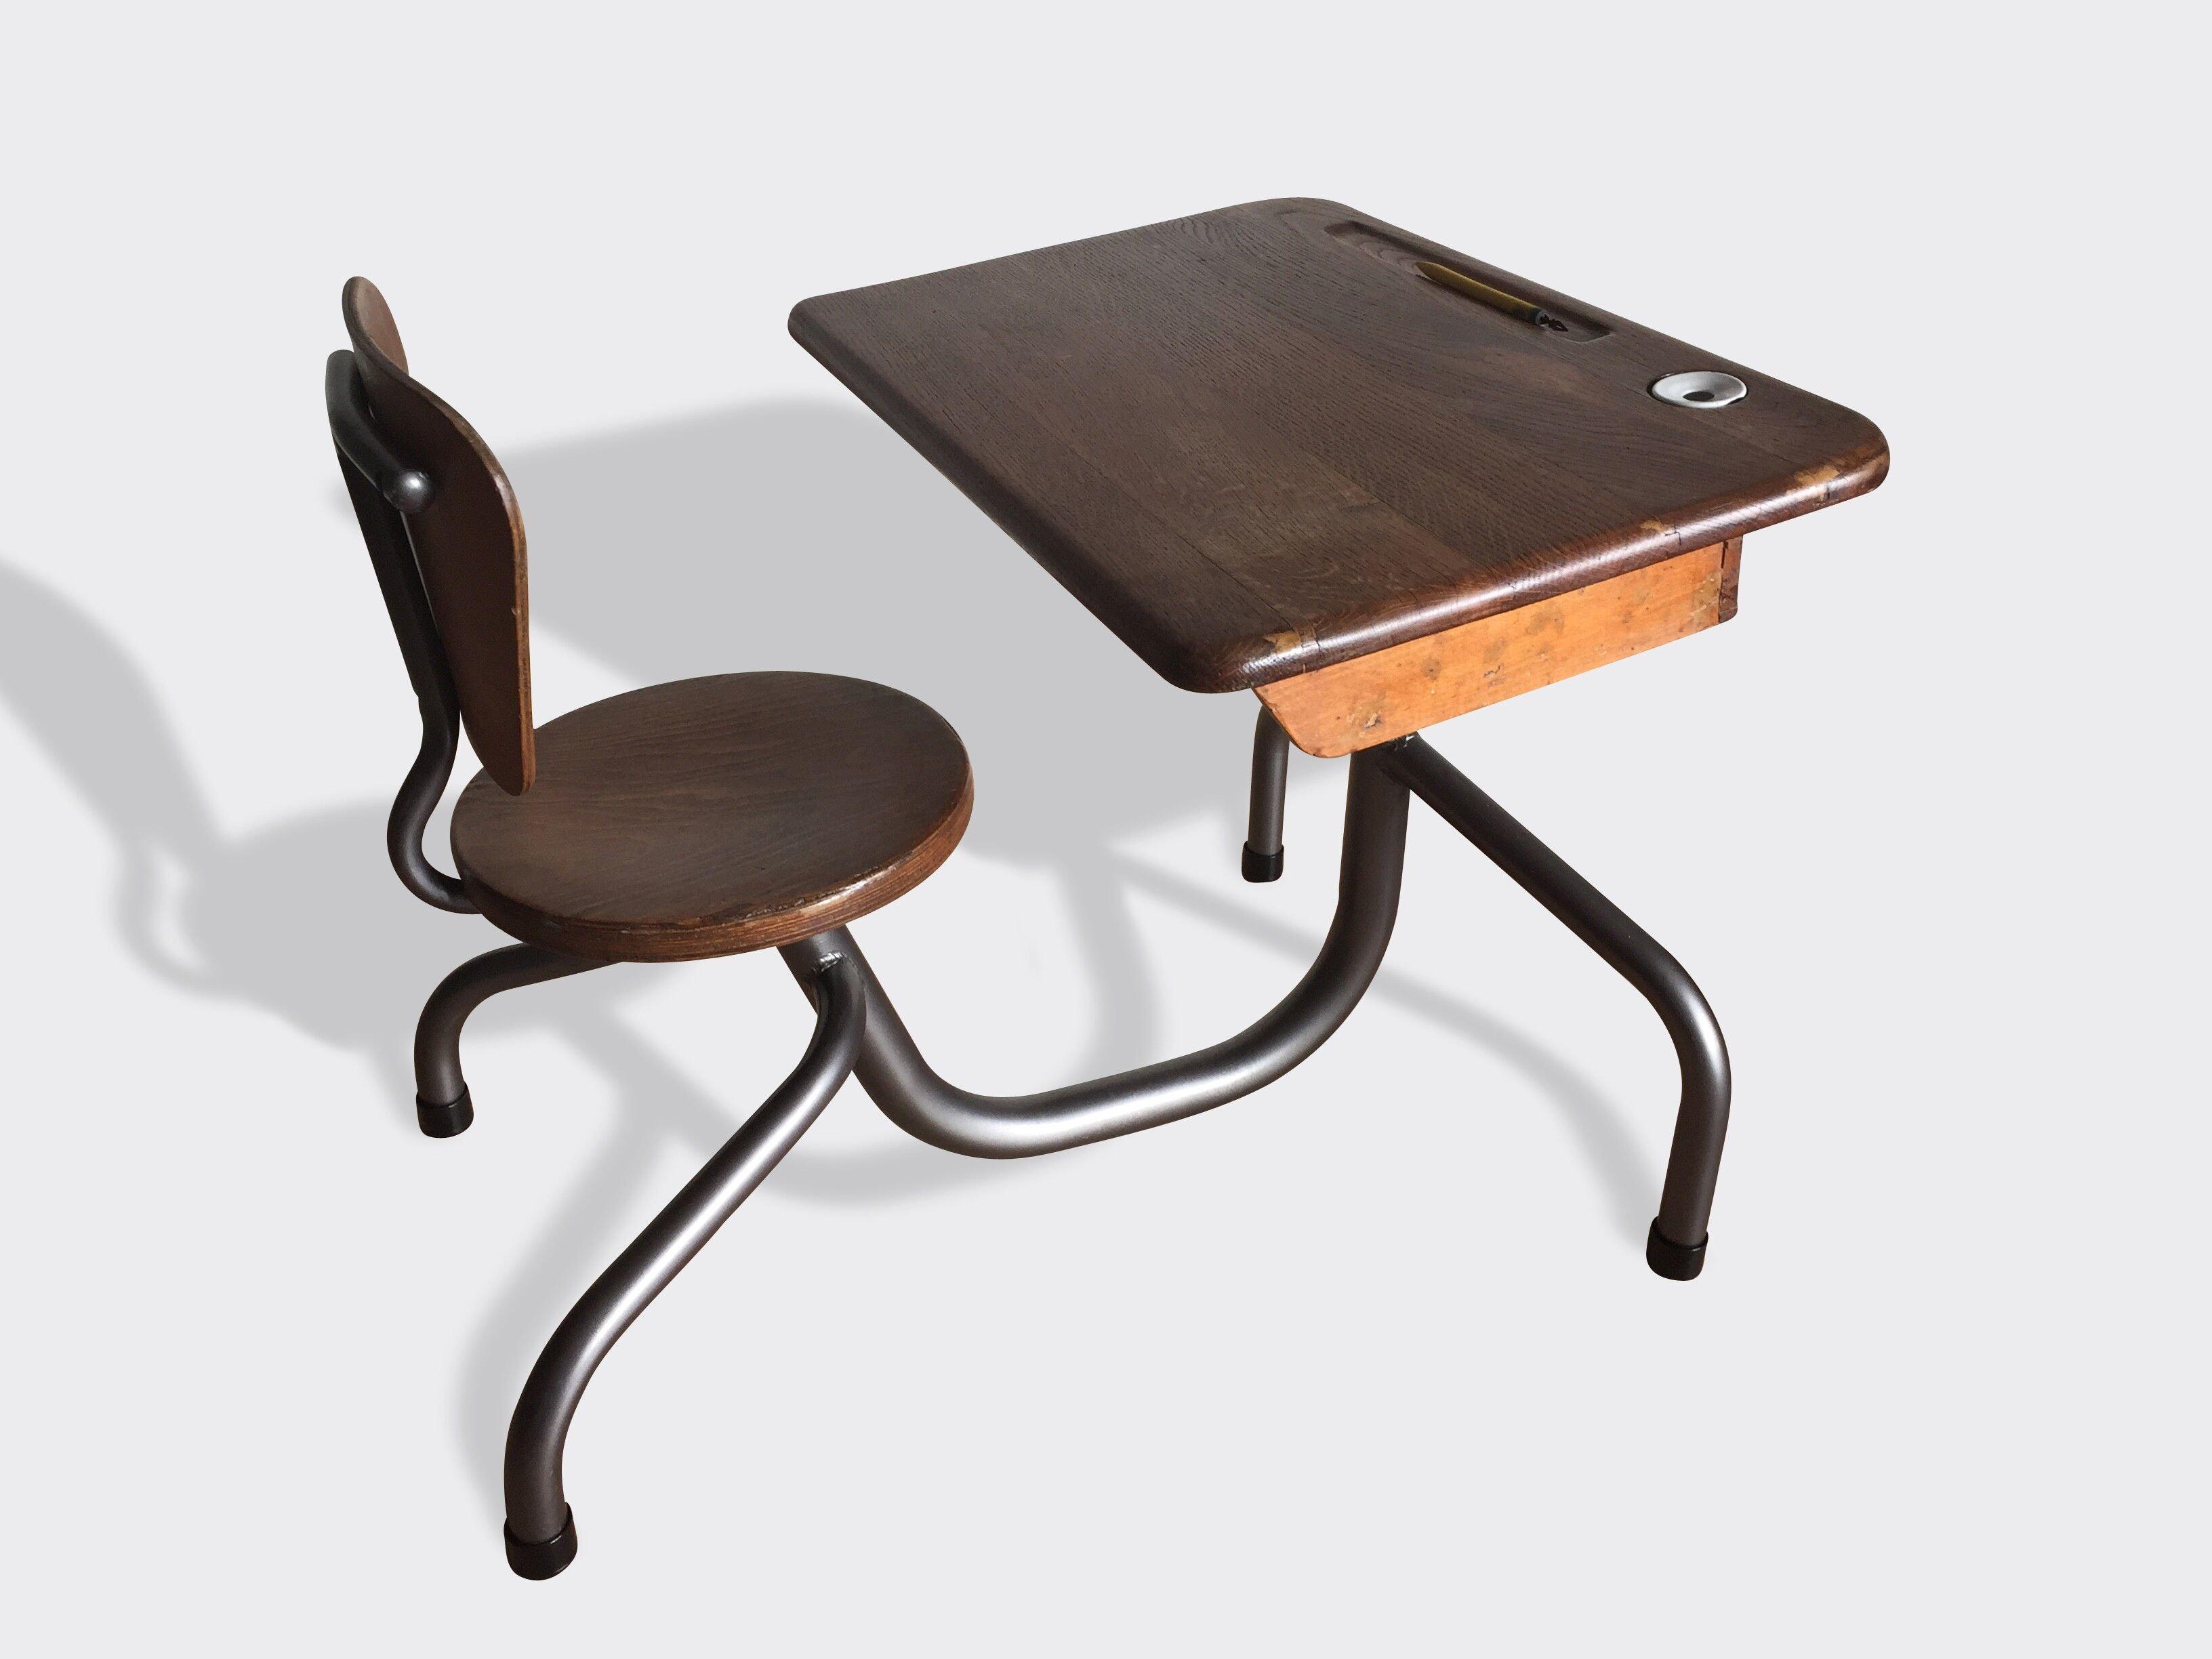 Pupitre/Bureau D'Écolier Vintage Jean Prouvé - Bois (Matériau